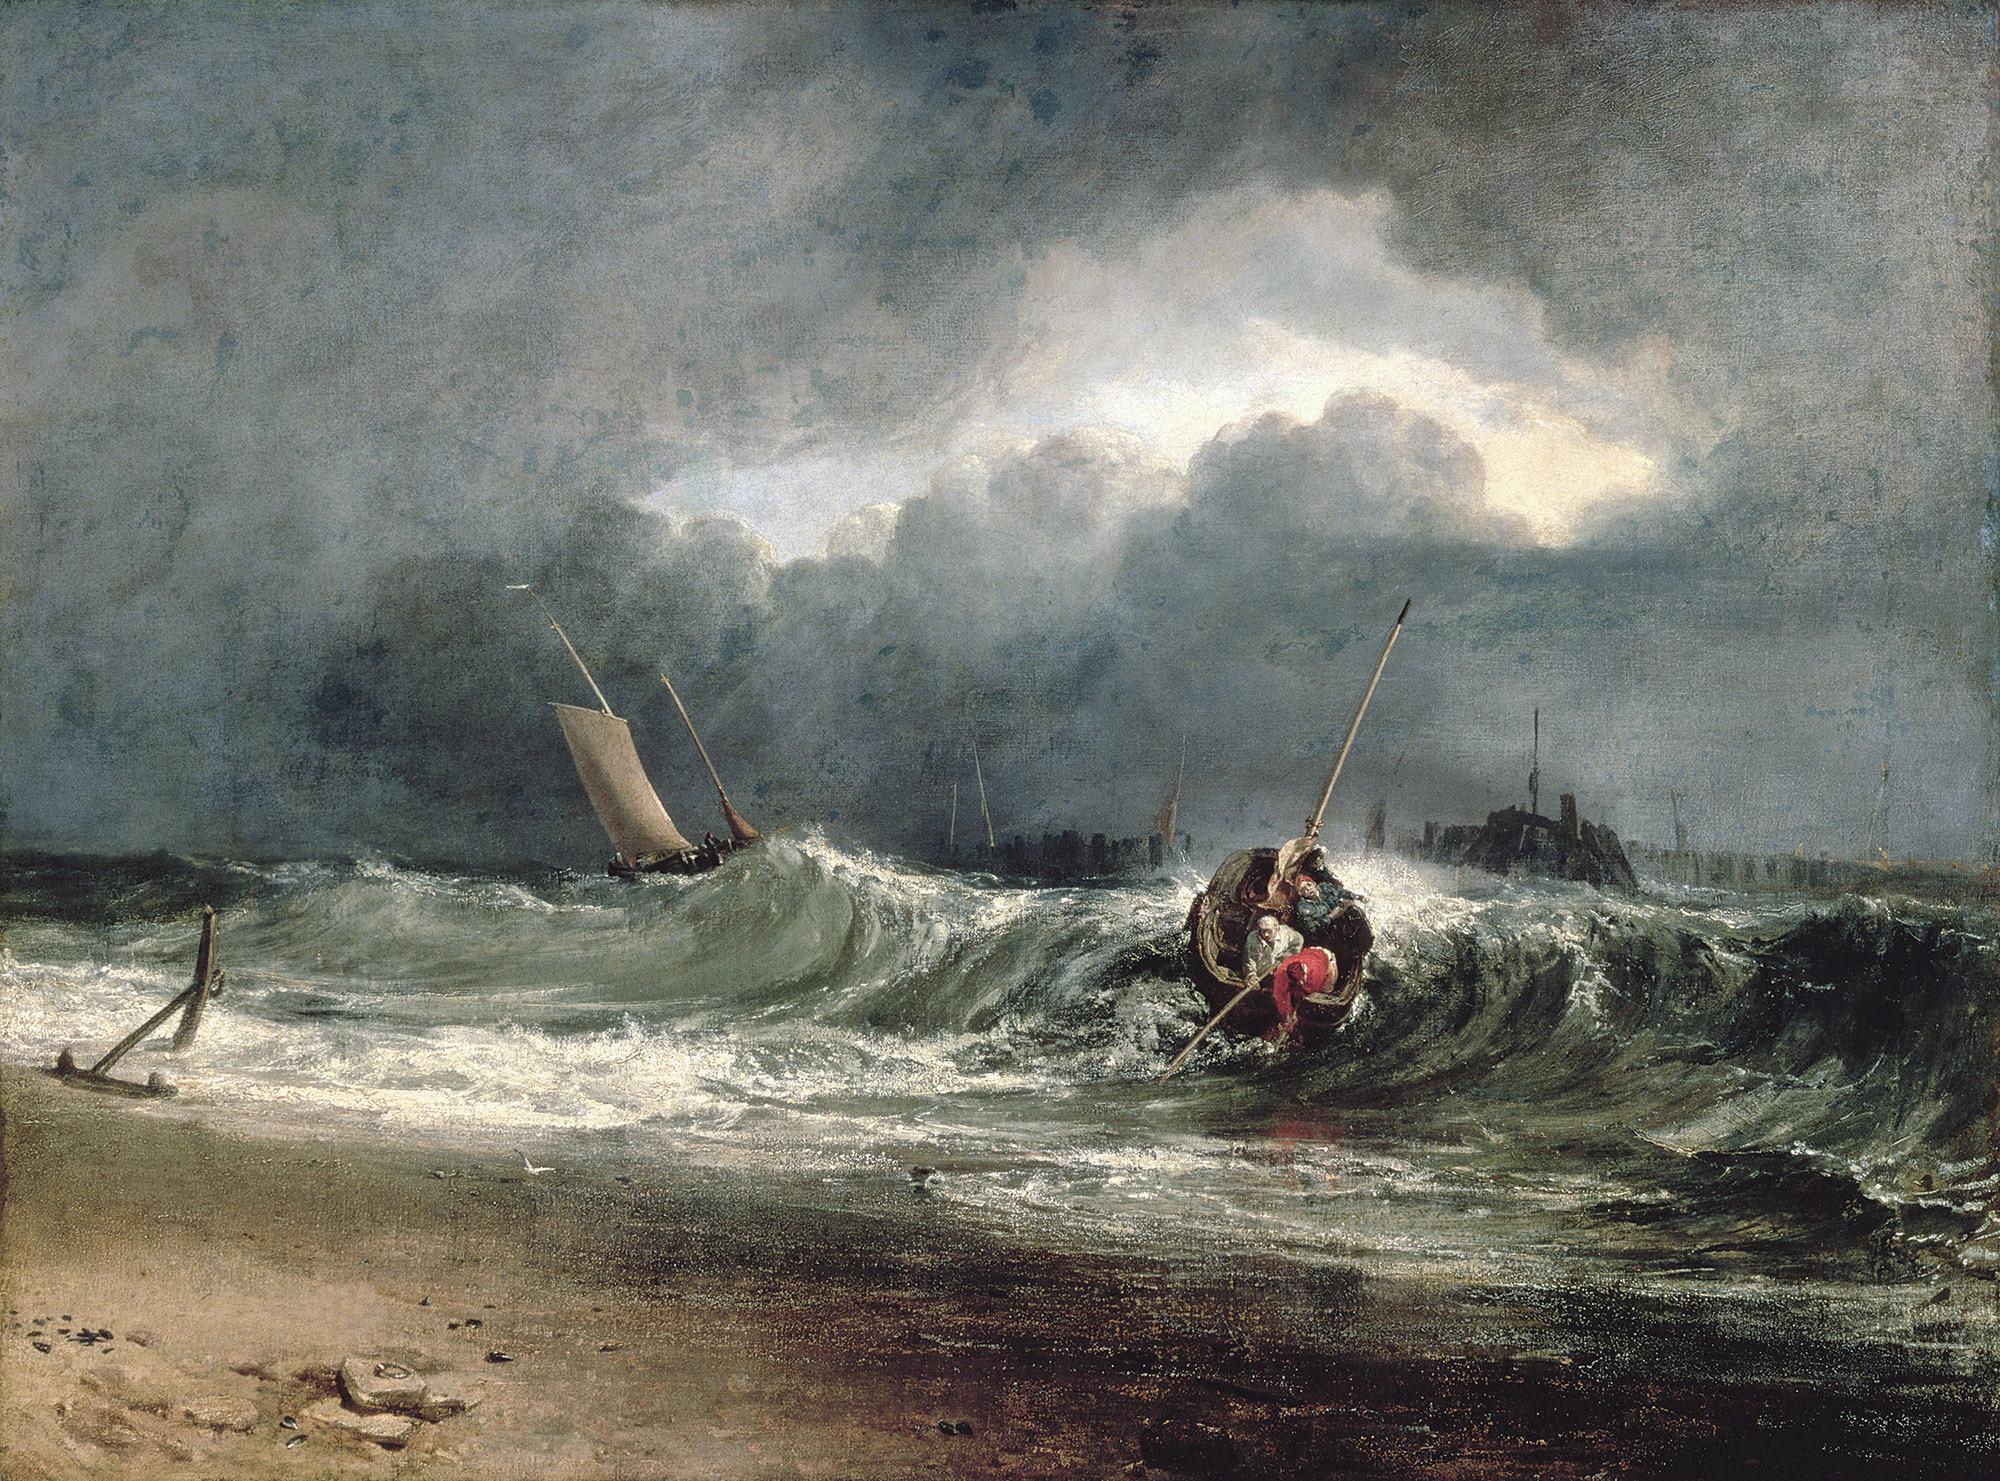 《風下側の海岸にいる漁師たち、時化模様》 1802年展示 油彩・カンヴァス 91.5×122cm サウサンプトン・シティ・アート・ギャラリー (c)Bridgeman Images / DNPartcom